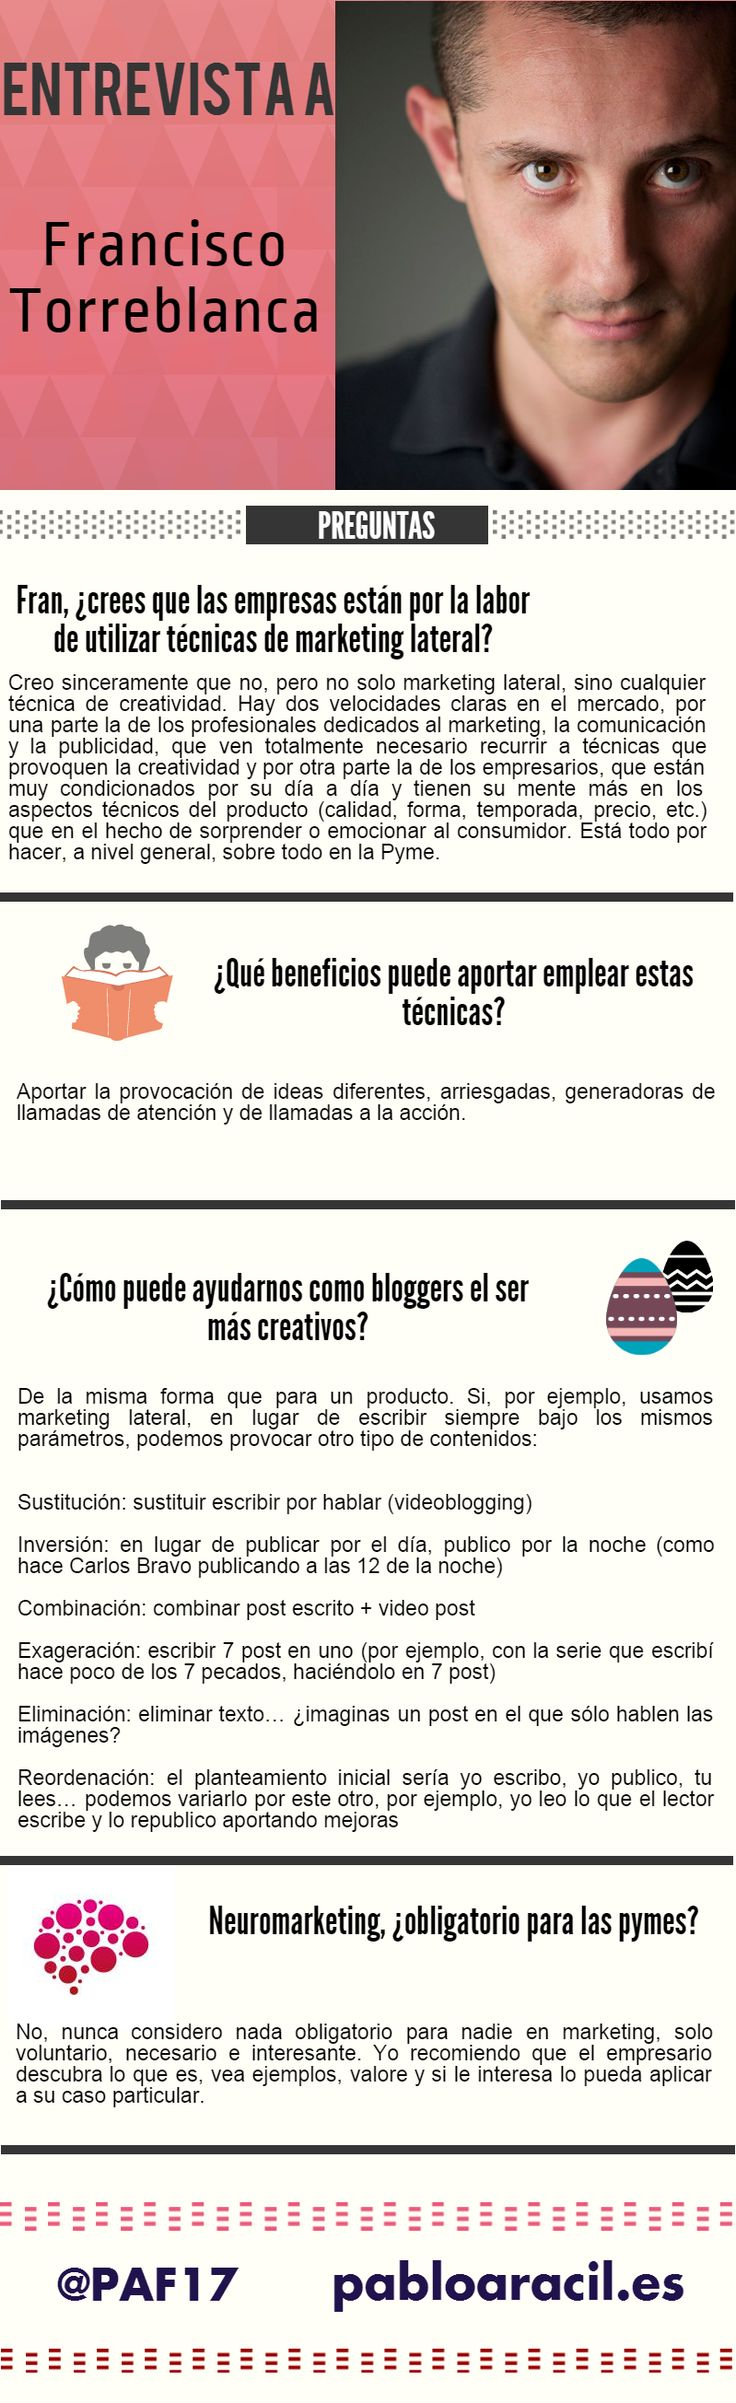 #Infografía  sobre la entrevista realizada a Francisco Torreblanca sobre #neuromarketing, #creatividad y #marketinglateral